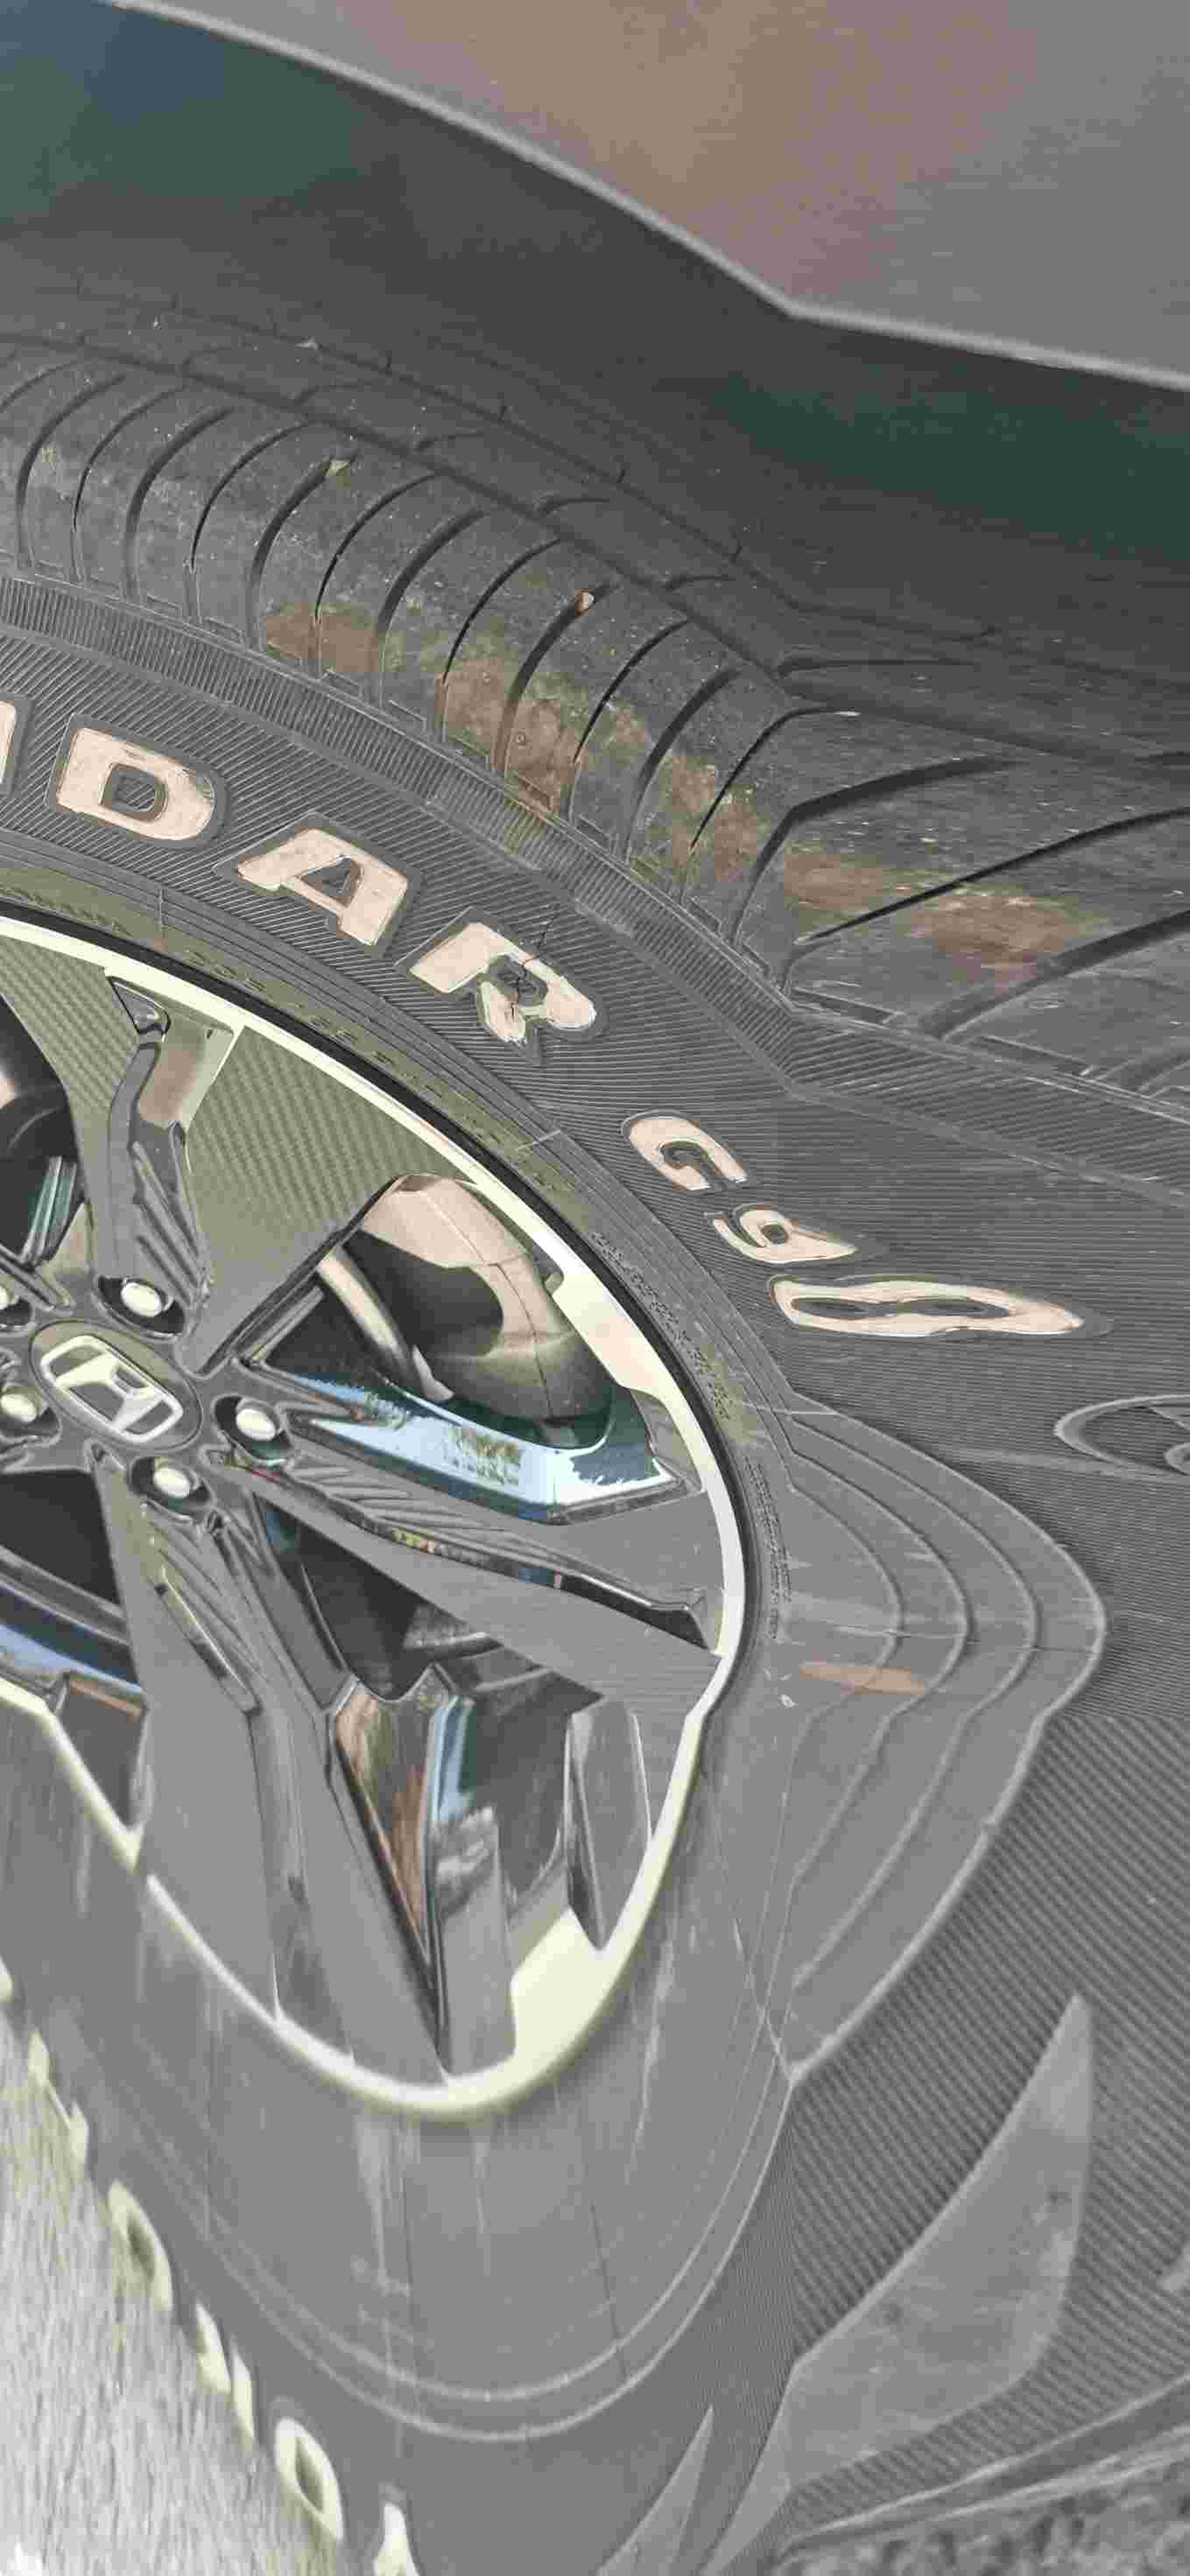 汽车轮胎右前轮非正常磨损的情况下出现大裂纹